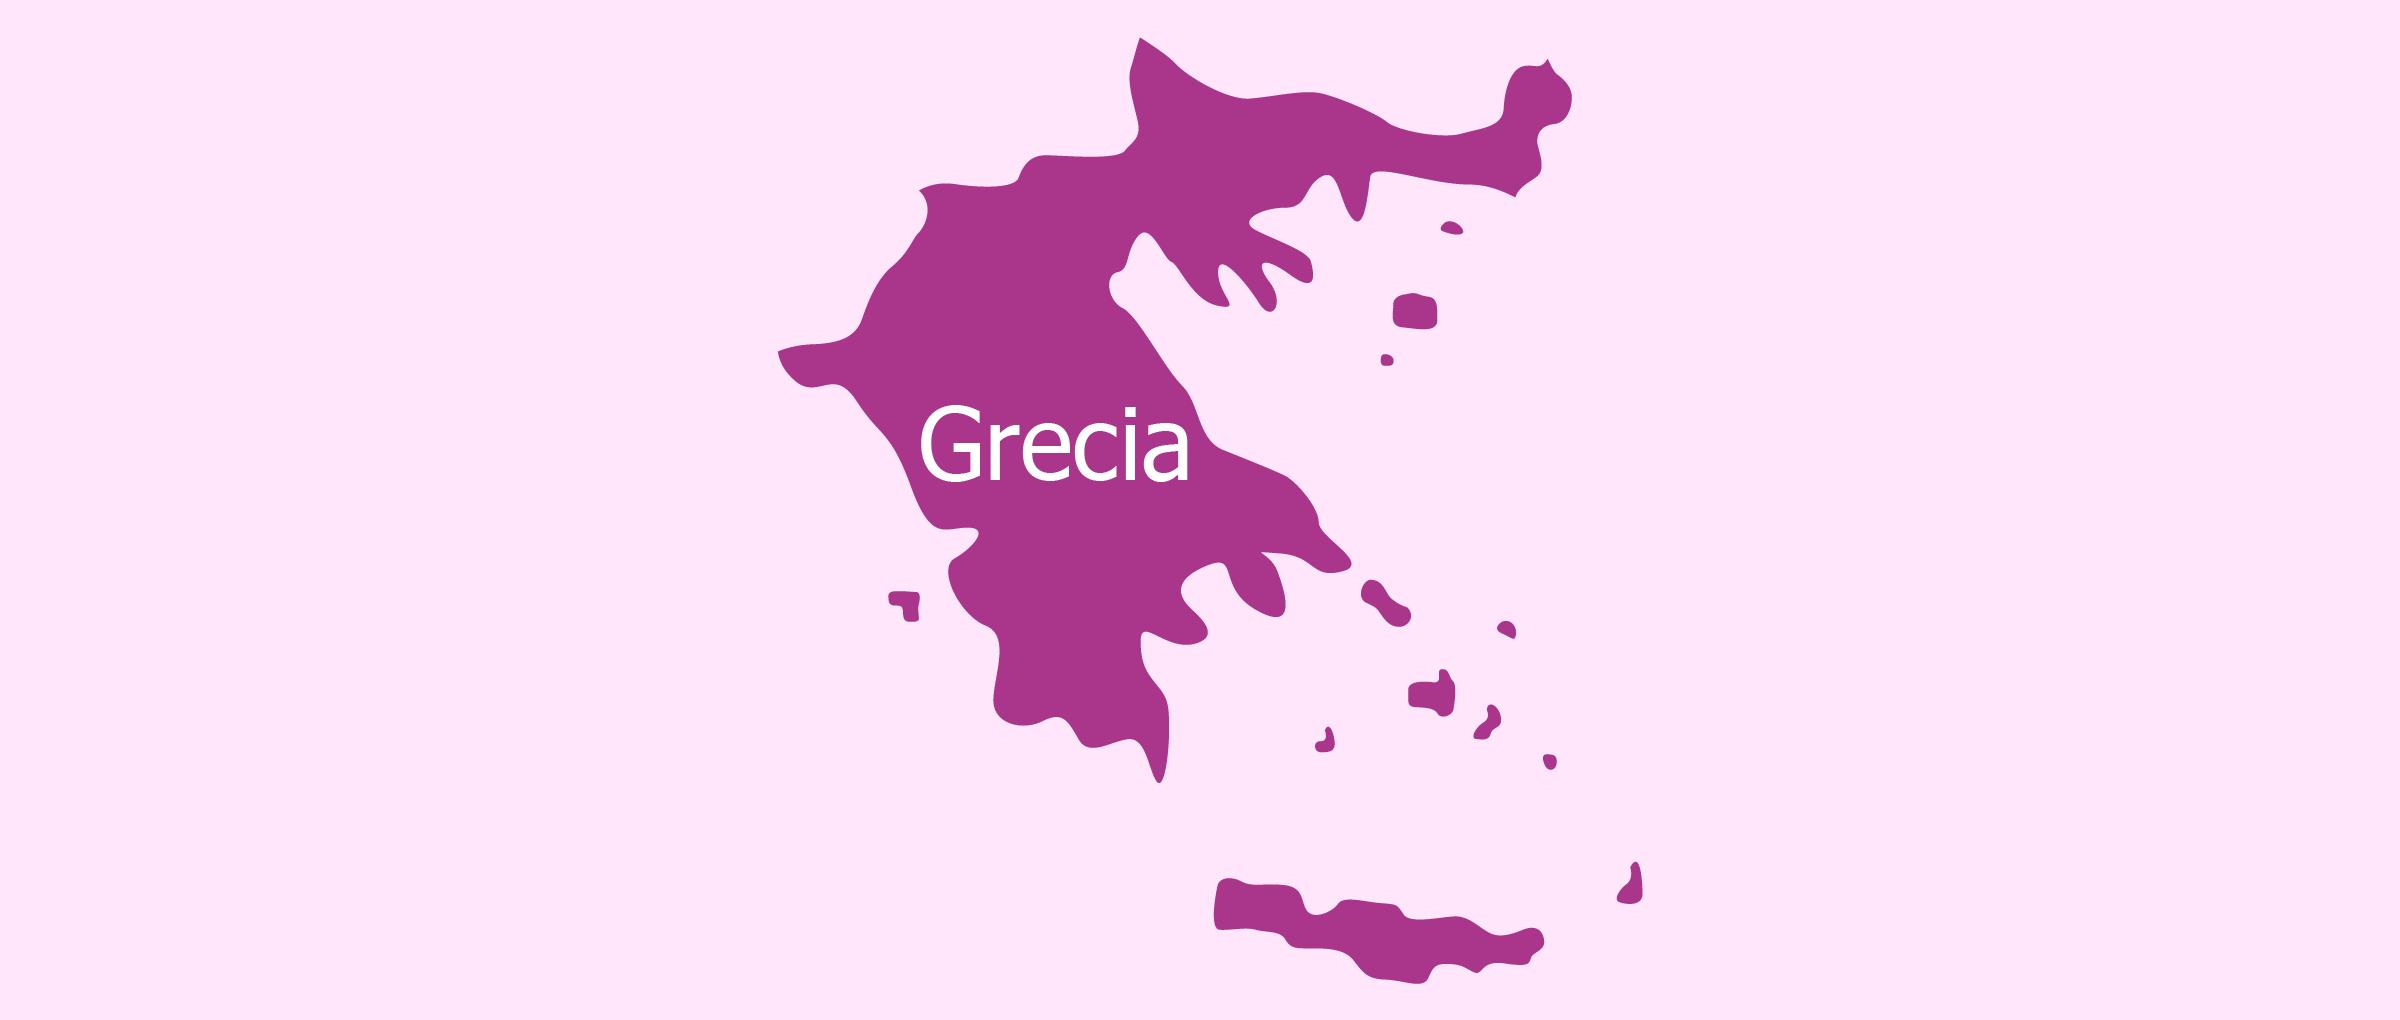 Precios en Grecia